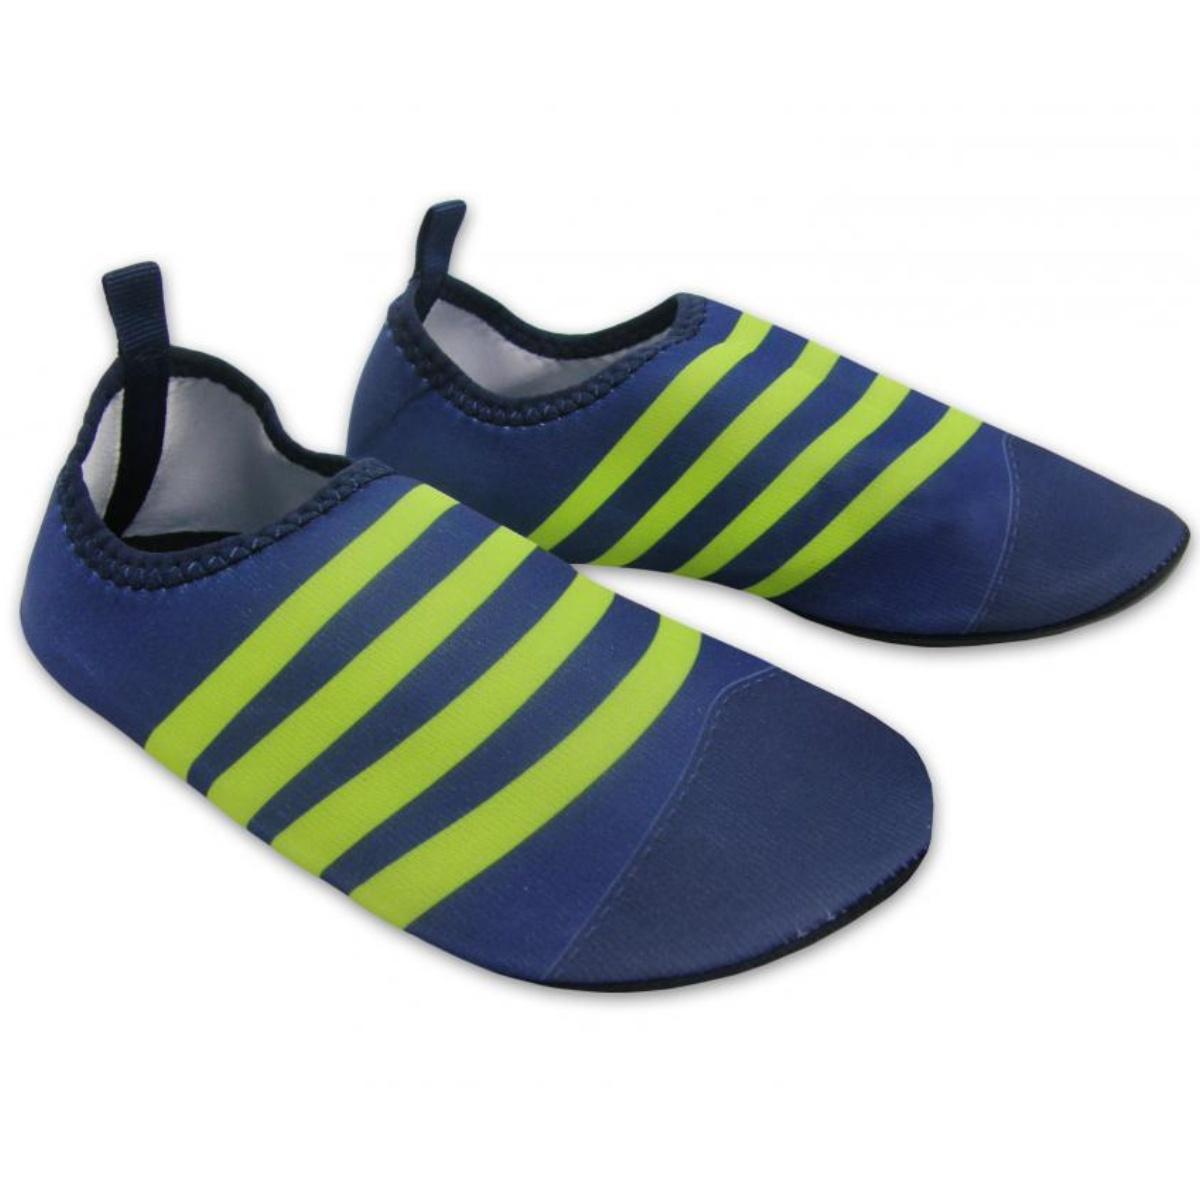 Topánky do vody SEDCO Strips modré - veľ. 35-36